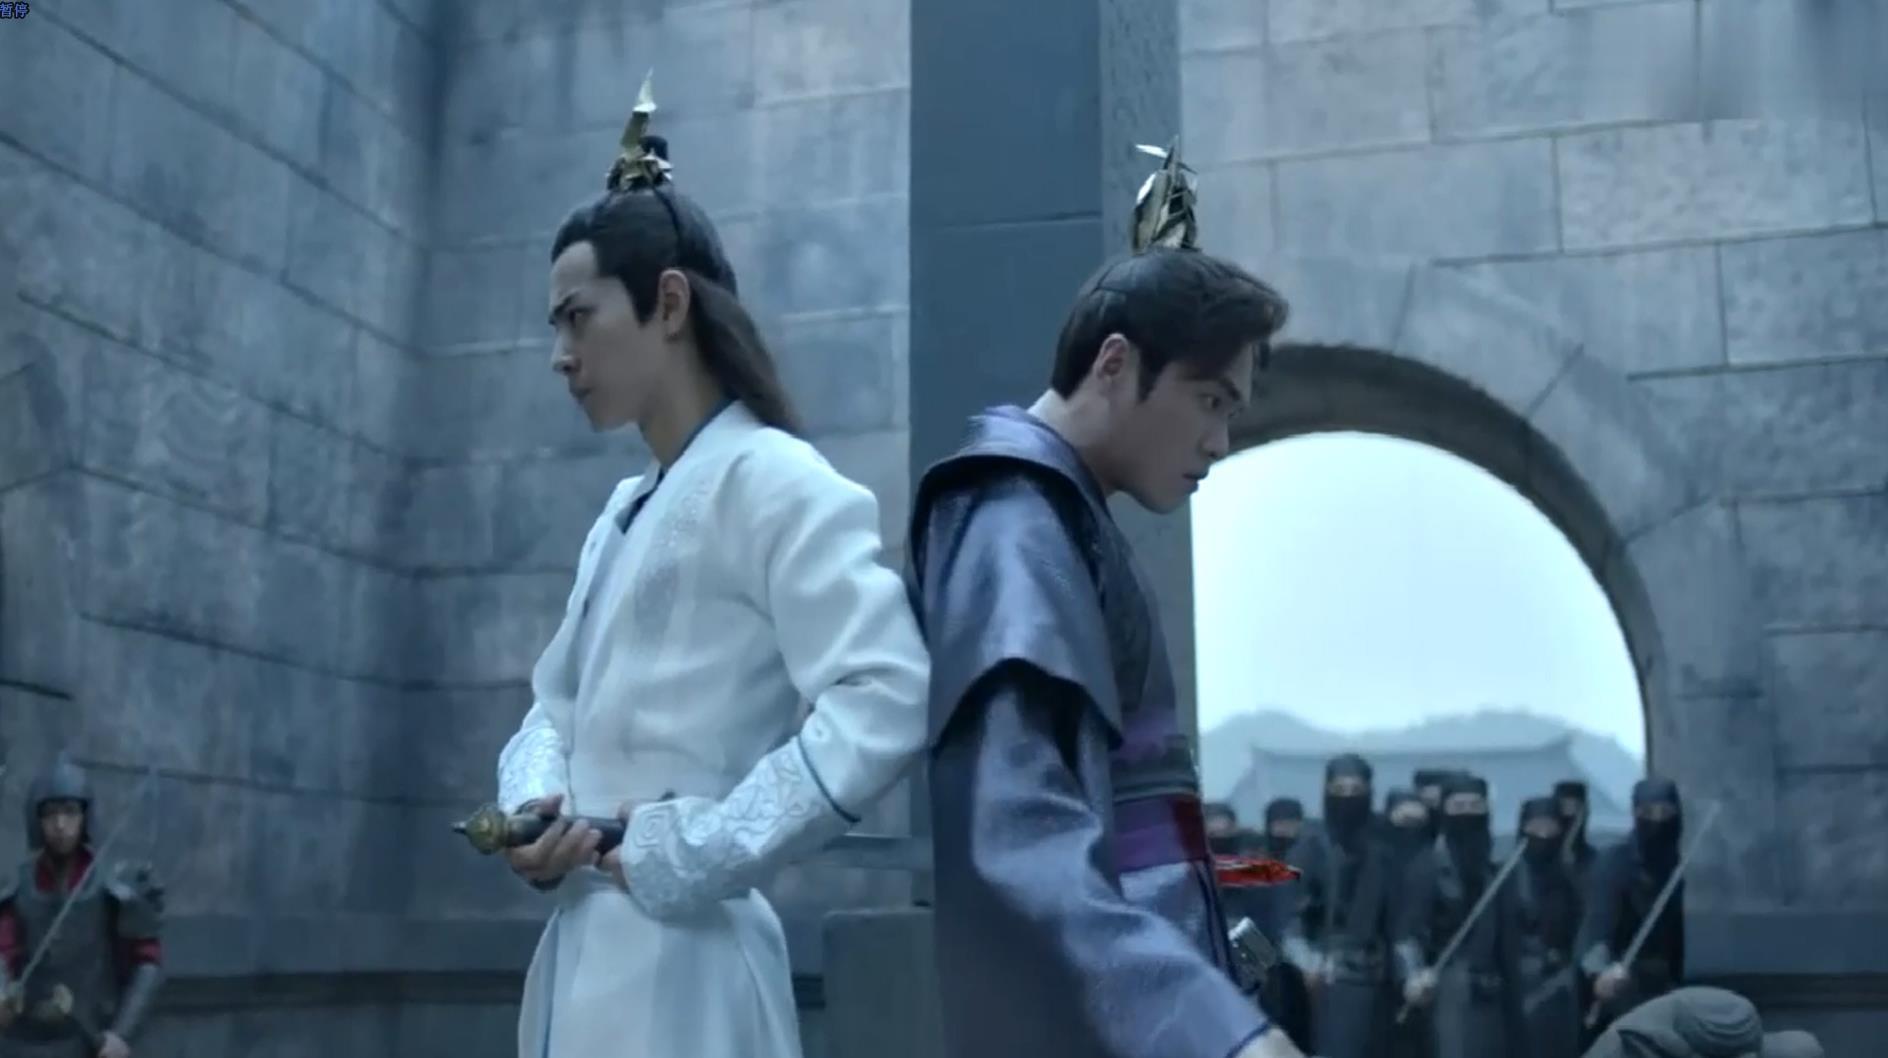 重溫《慶餘年》才懂: 慶帝最疼愛的兒子, 並非范閑, 而是大皇子-圖1